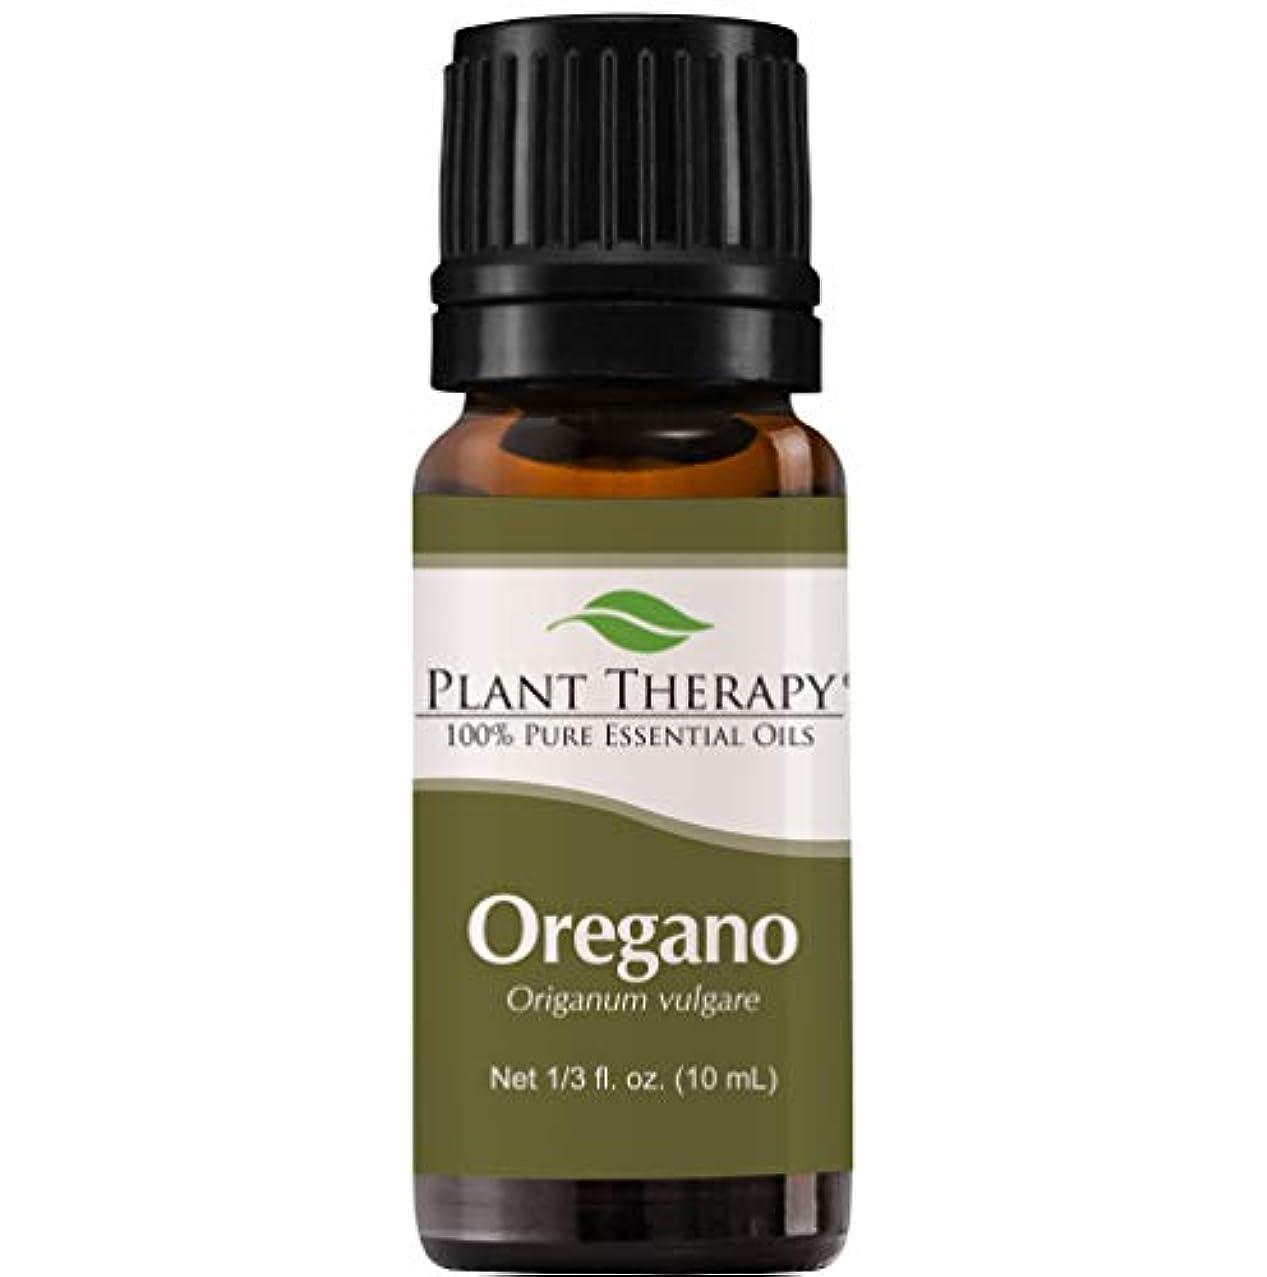 政策マルクス主義任命するPlant Therapy Essential Oils (プラントセラピー エッセンシャルオイル) オレガノ (オリガヌム) エッセンシャルオイル